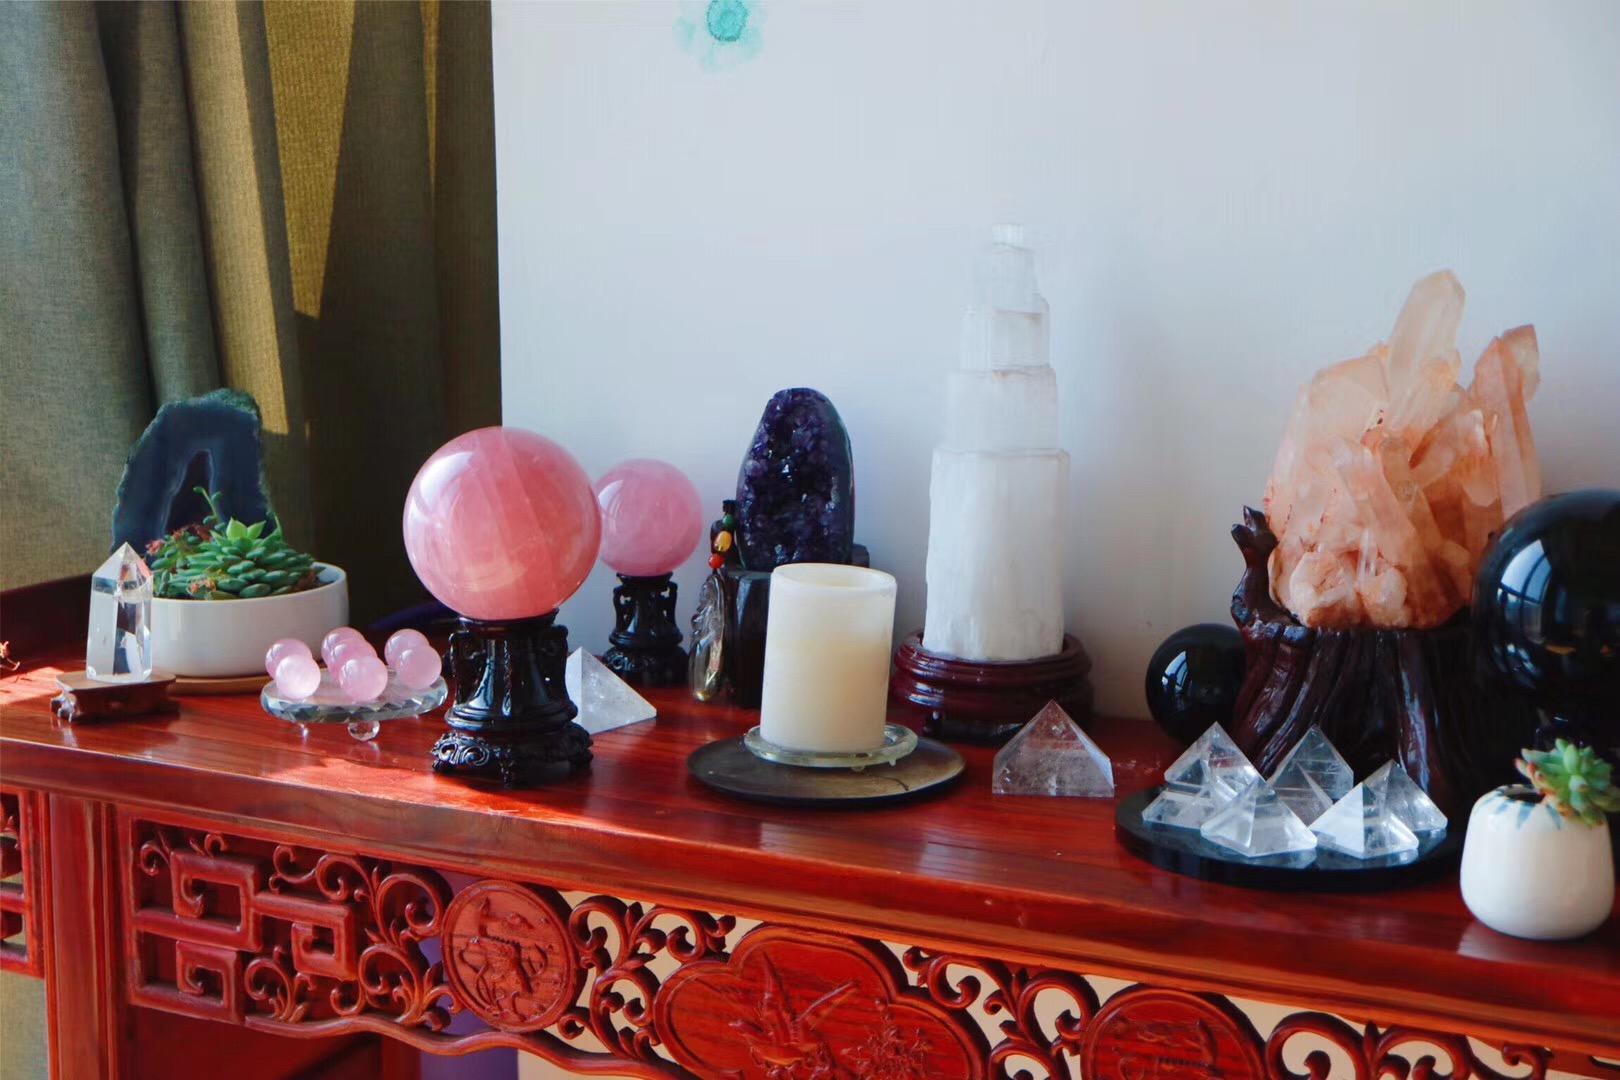 【菩心   粉晶球】粉晶乃是心轮的疗愈基础石-菩心晶舍